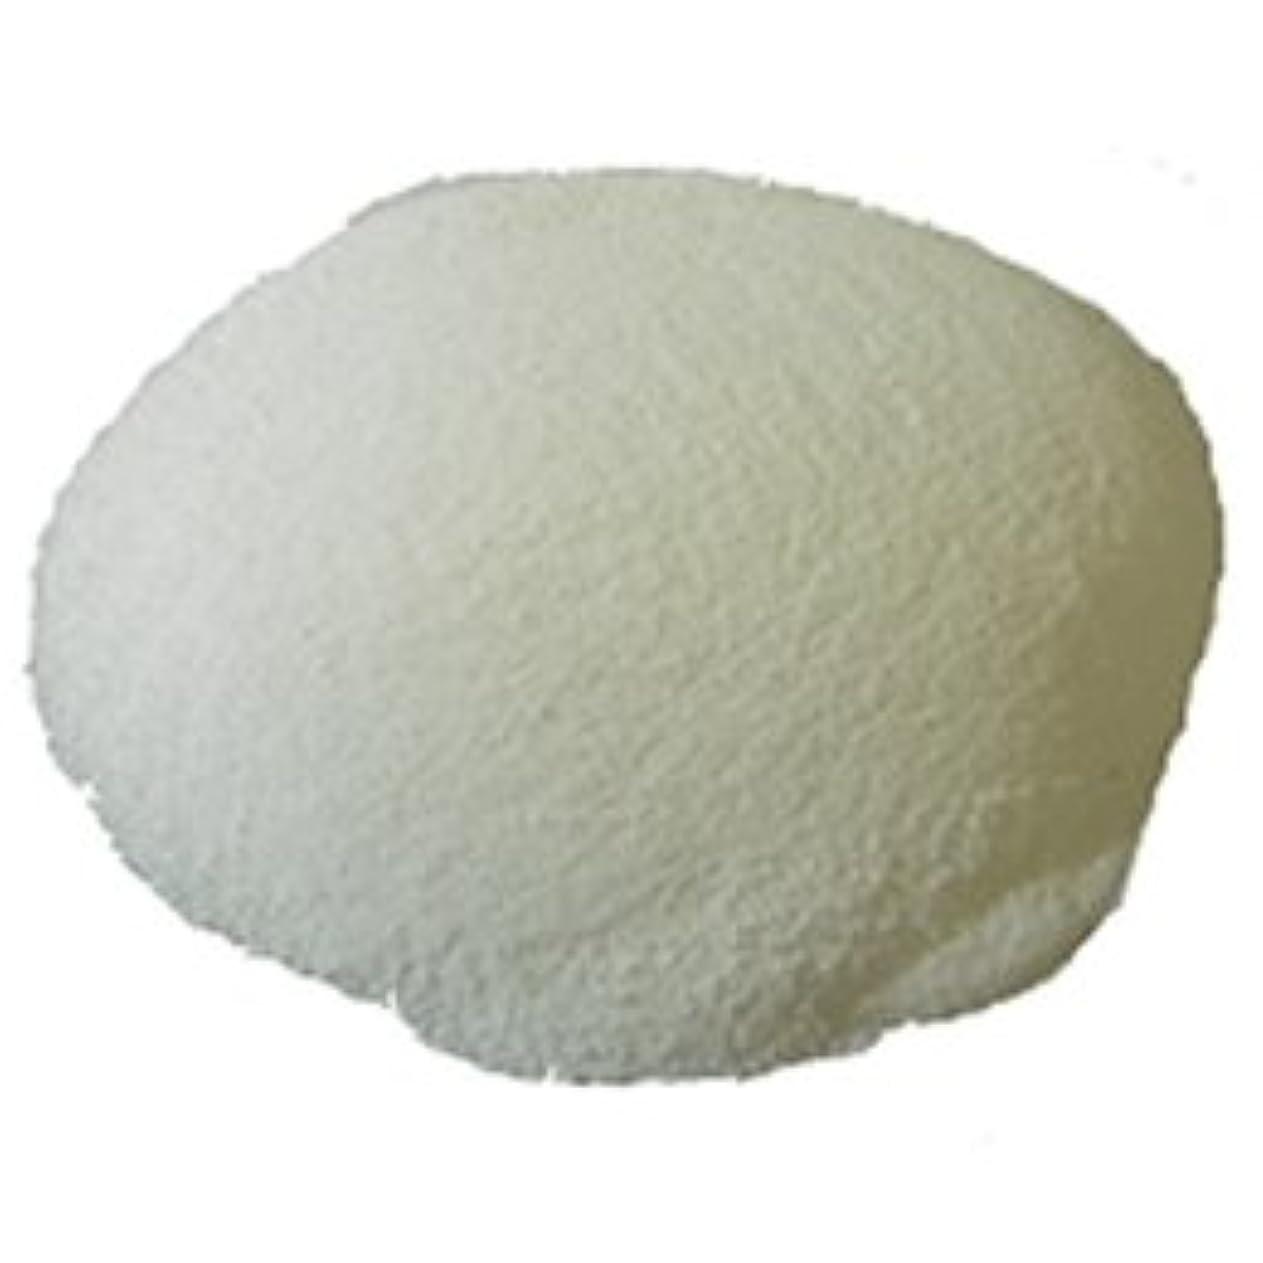 ペインティング土地エコーカリス成城 ソープの素 パウダータイプ 1kg